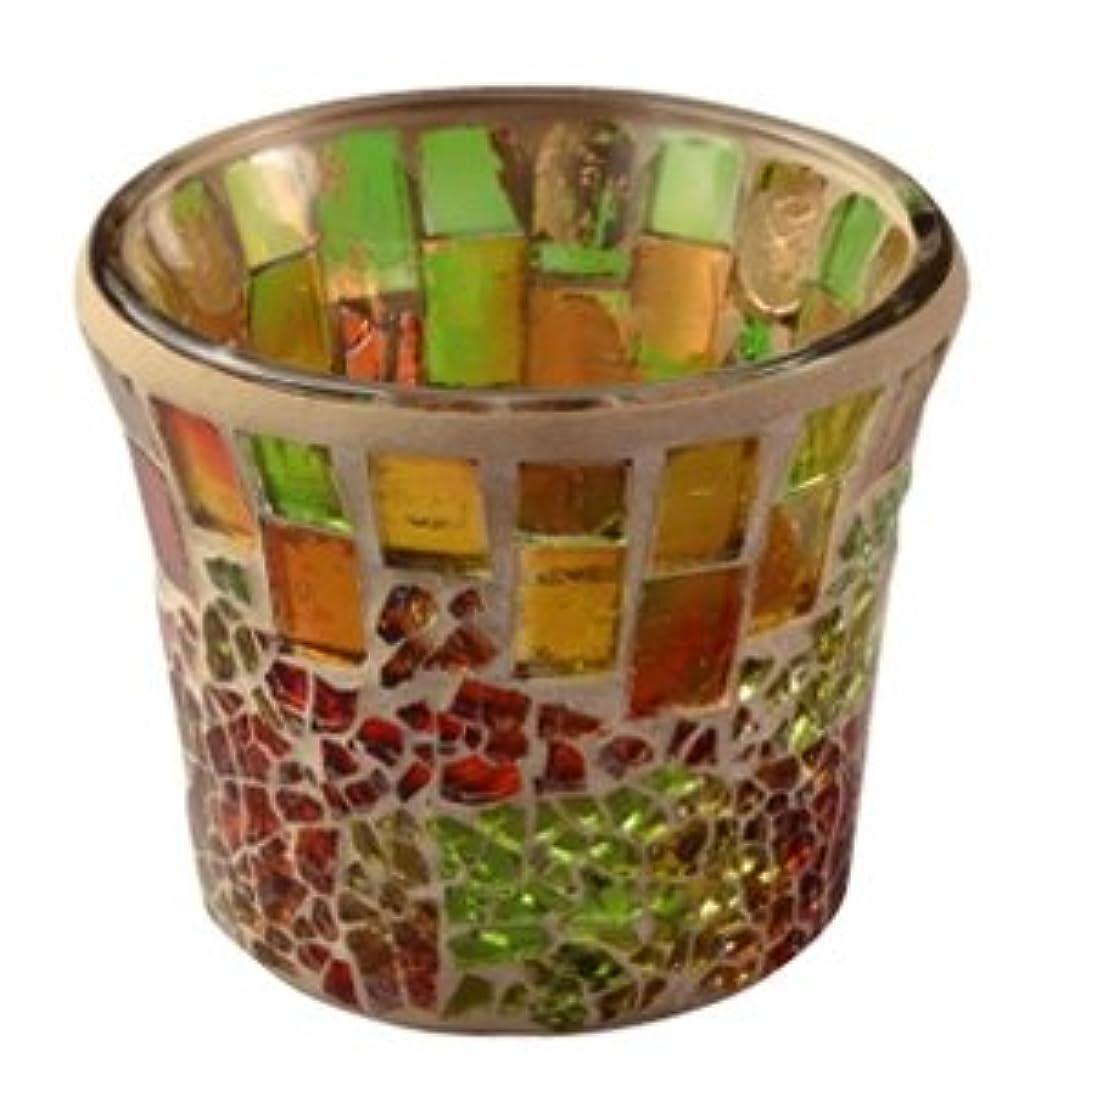 ブロンズレースカヌーキャンドル モザイクカップ クラシーク